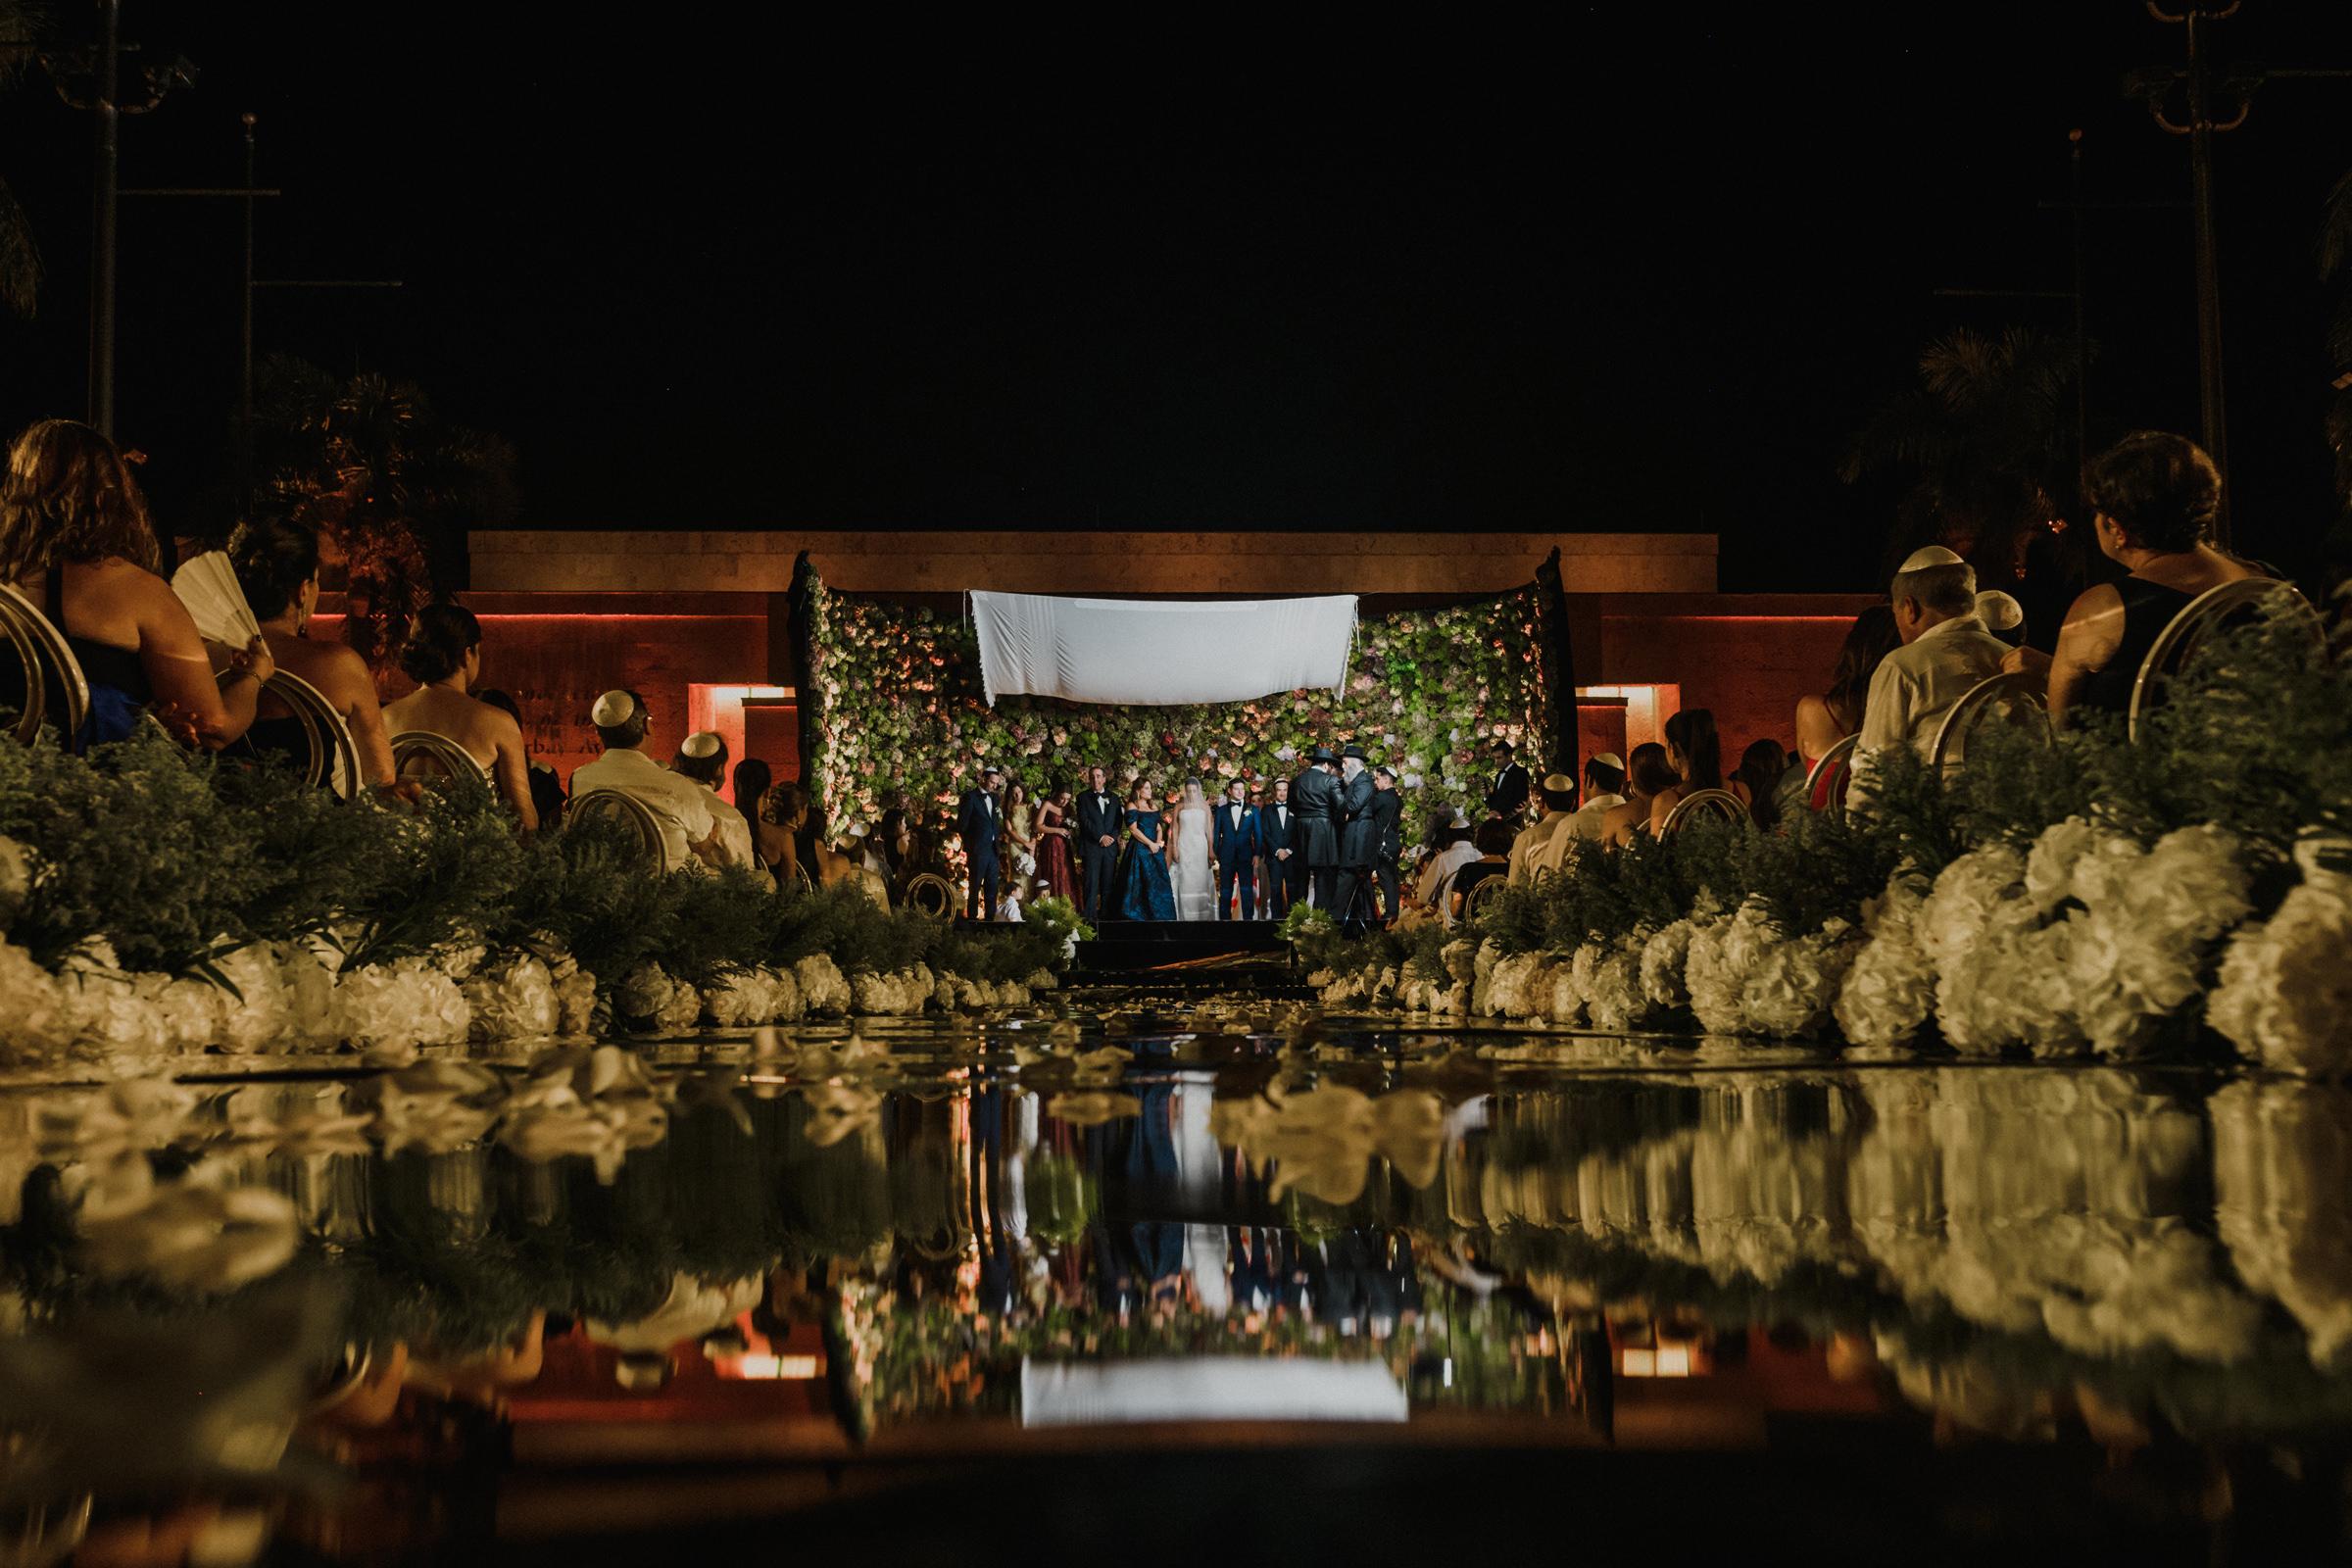 elaborate-floral-wall-ceremony-reflected-in-pool-elmarcorojo-spain.jpg